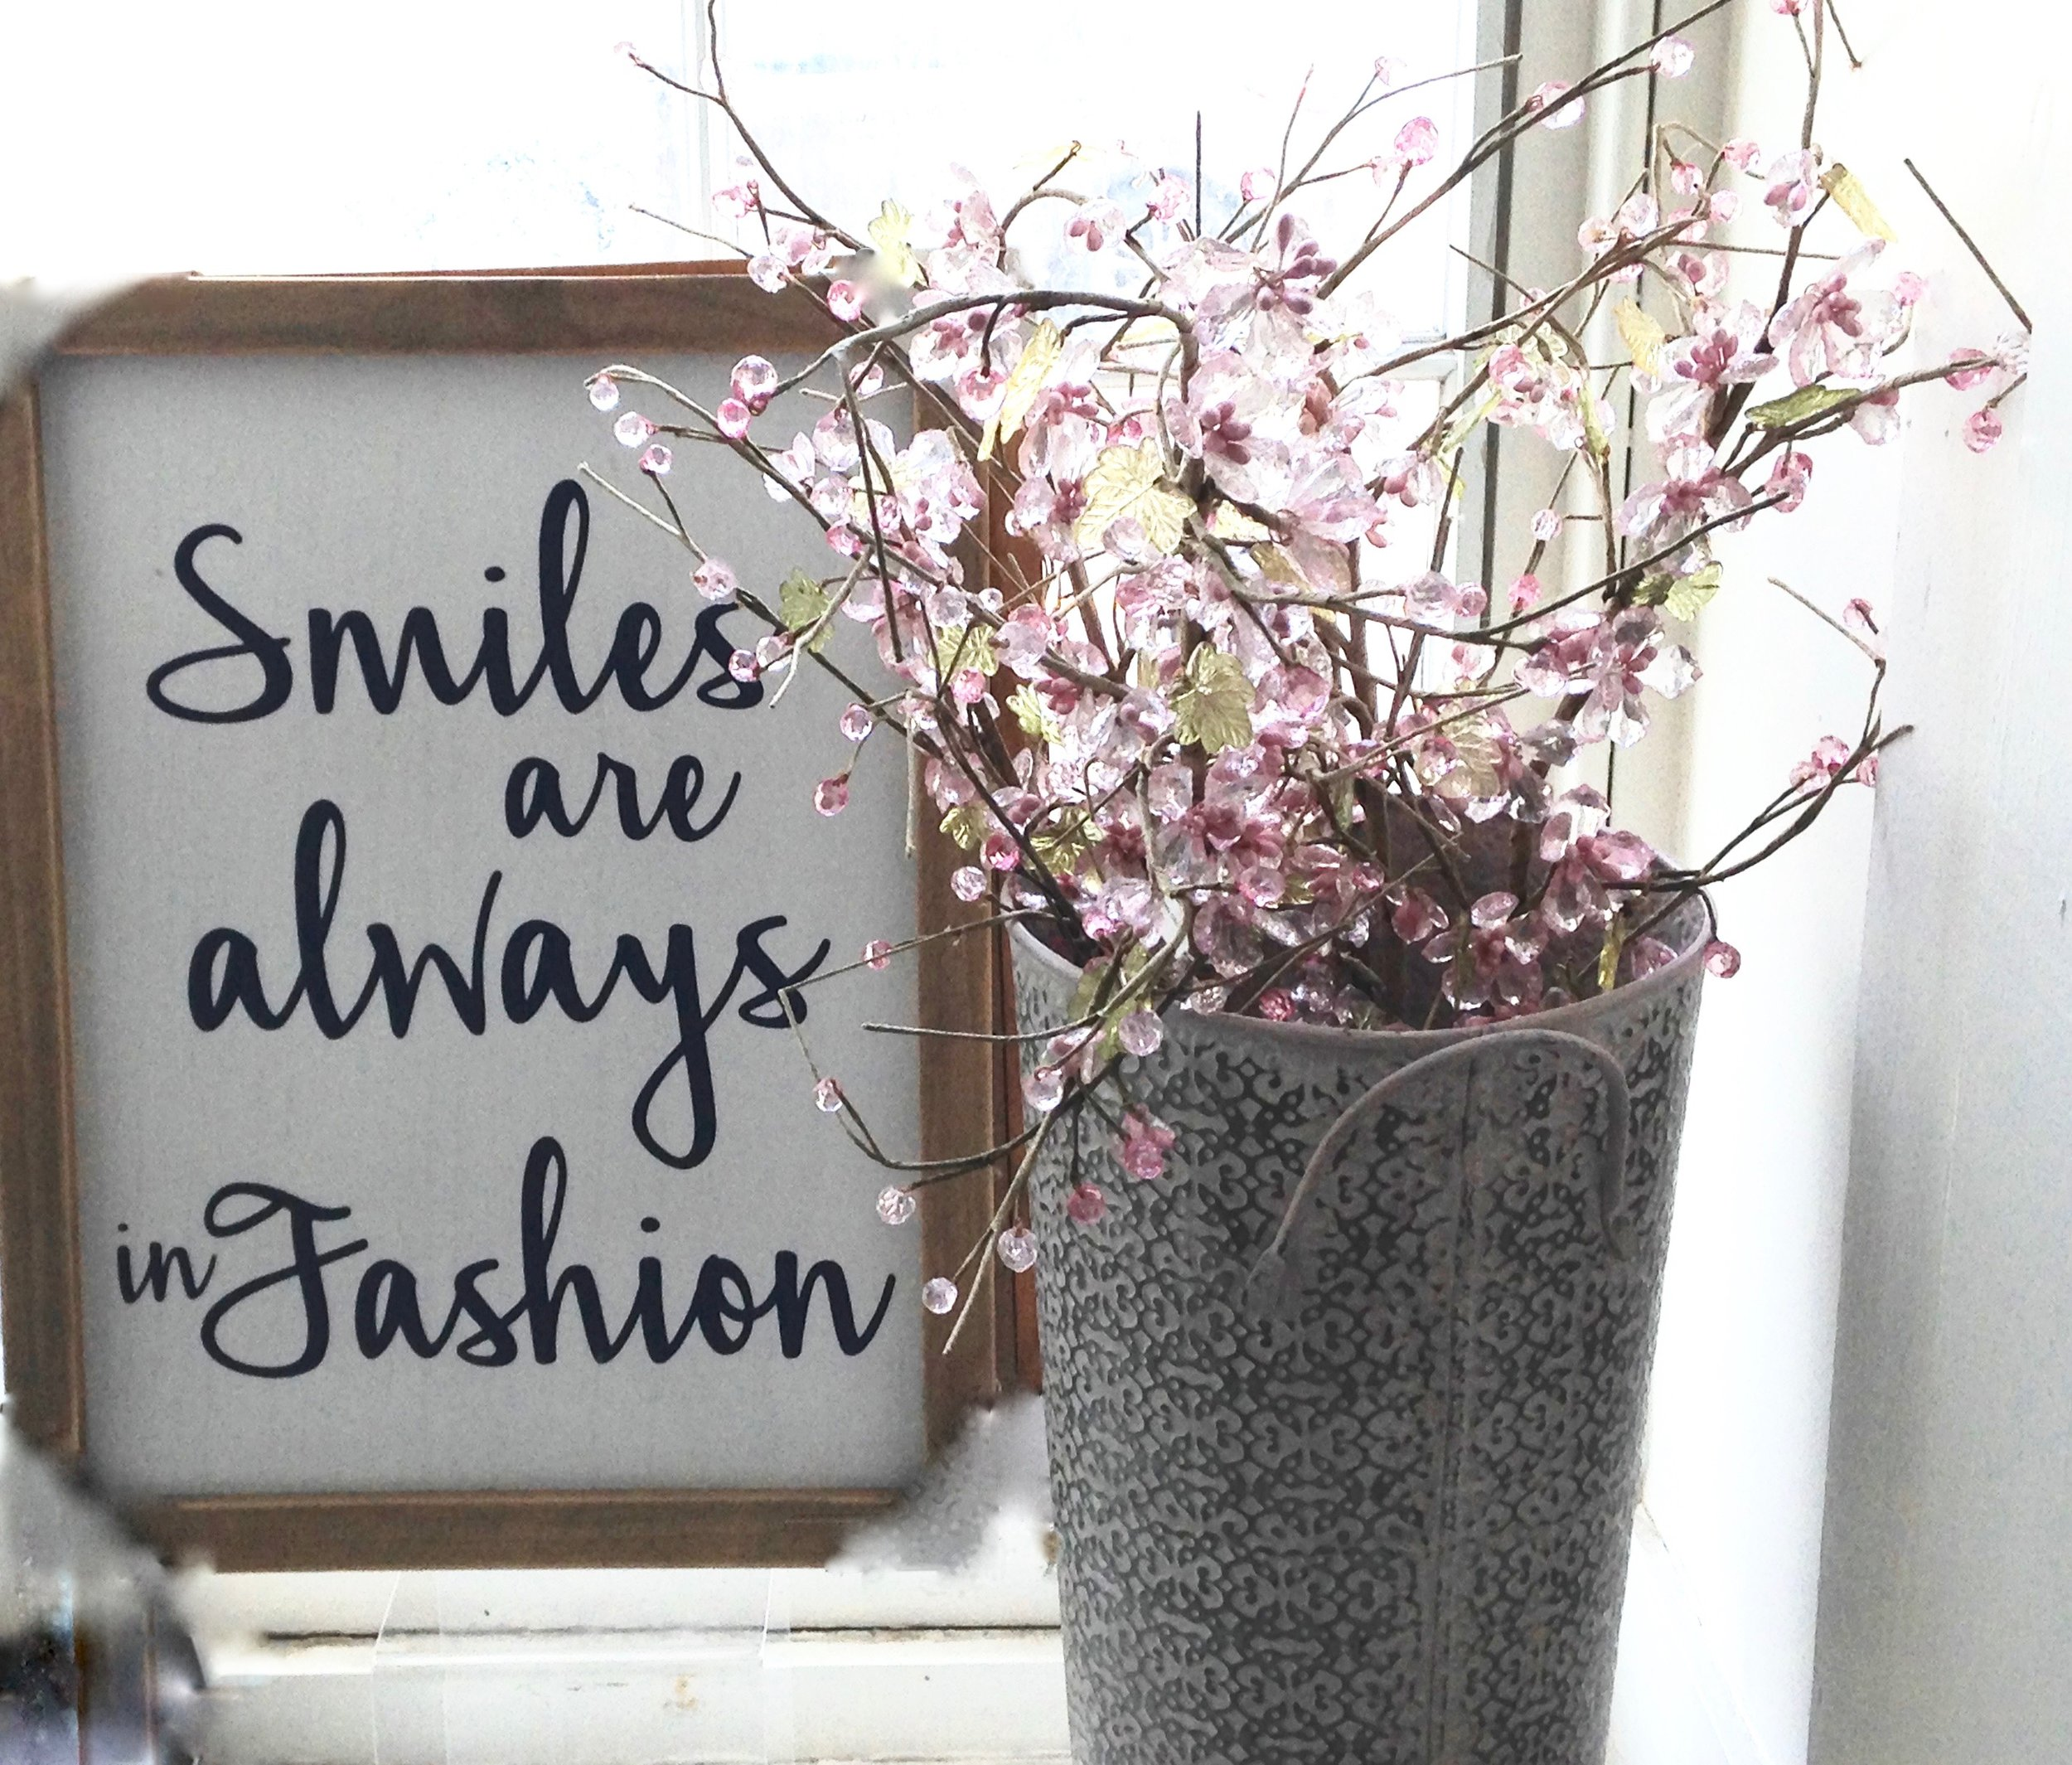 katyLeen_author_smile_fashion.jpg